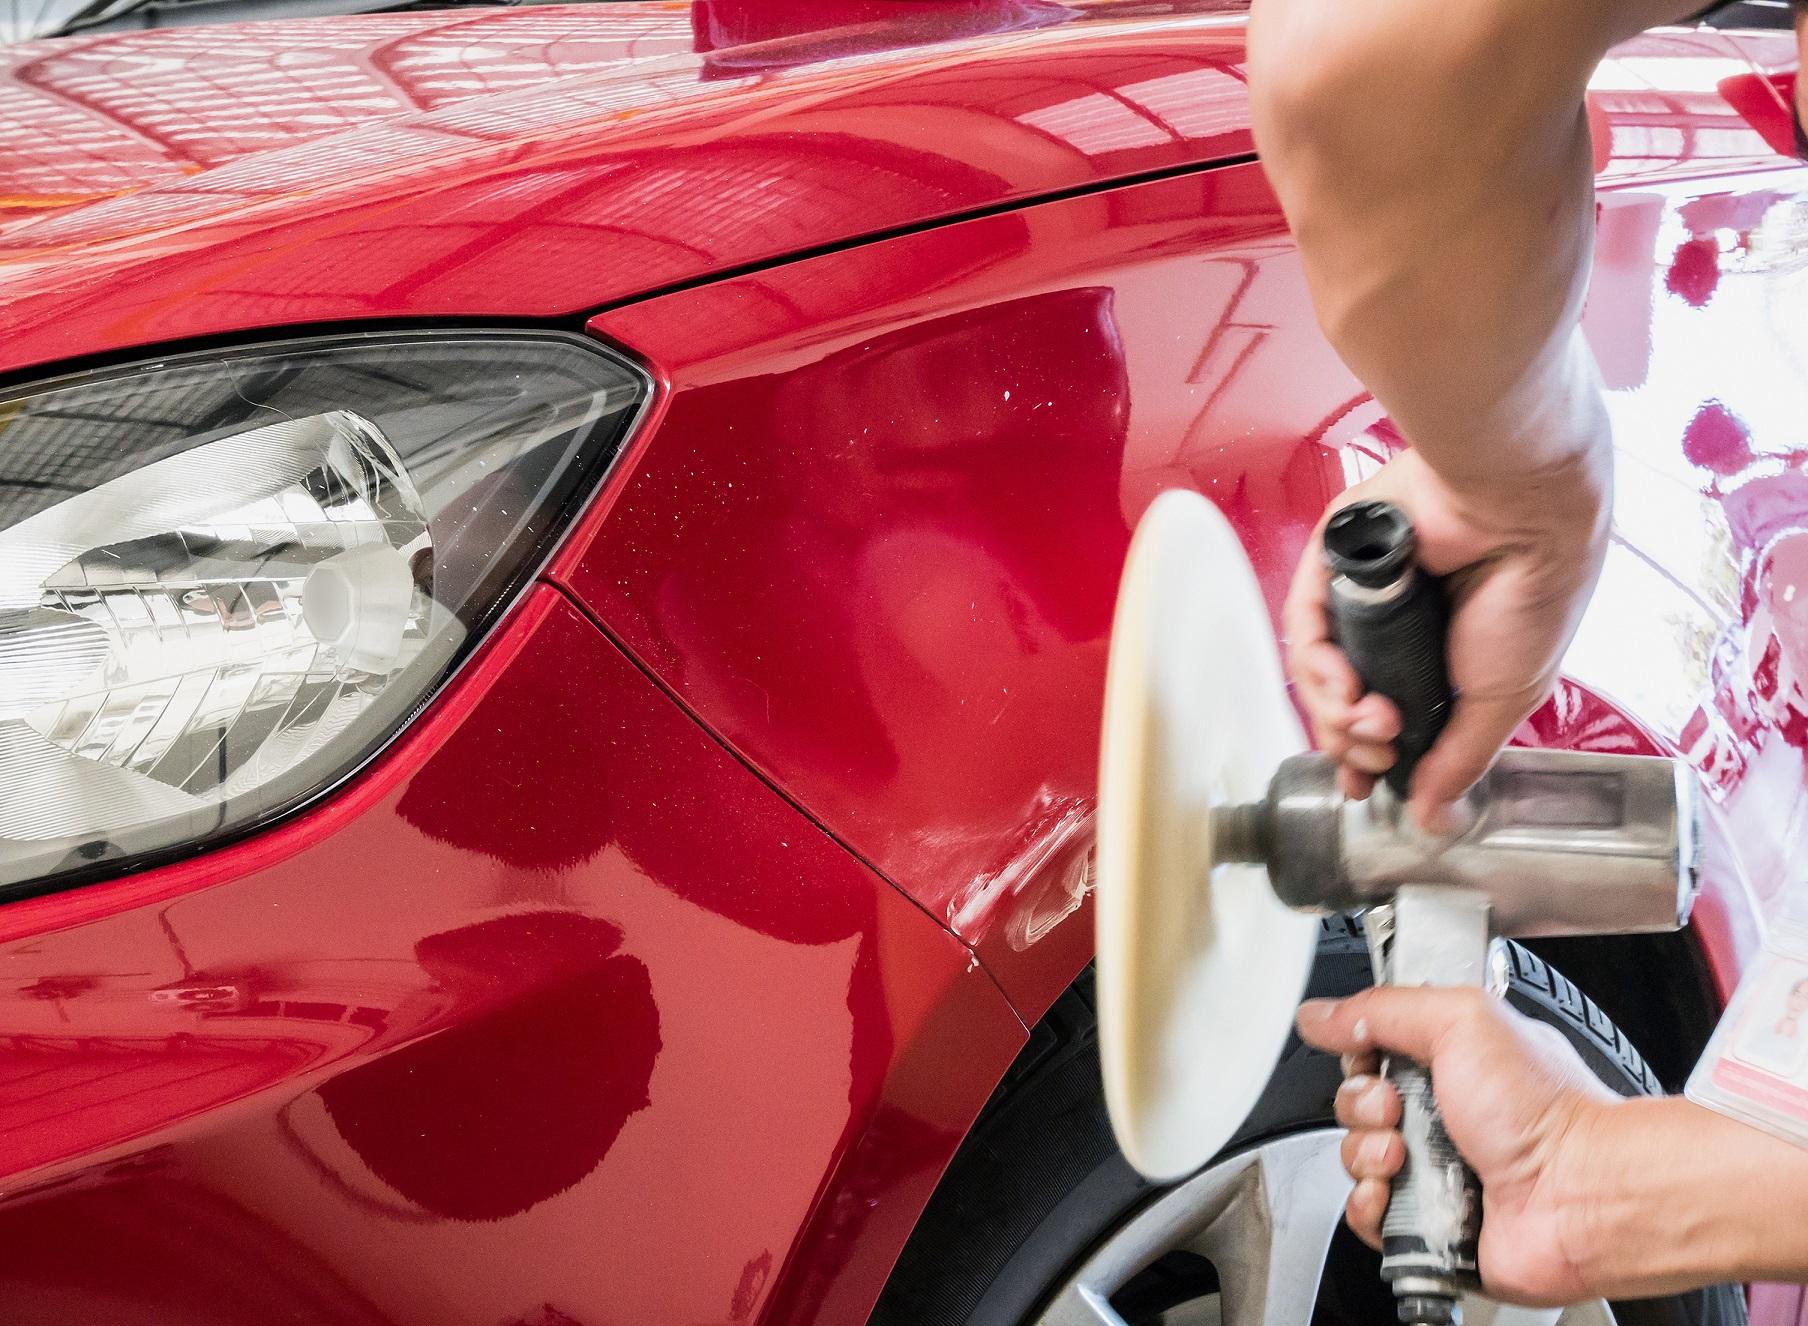 Aprenda a aplicar cera no seu carro com dicas de um especialista, que também ensina como escolher um profissional confiável para fazer polimento automotivo.